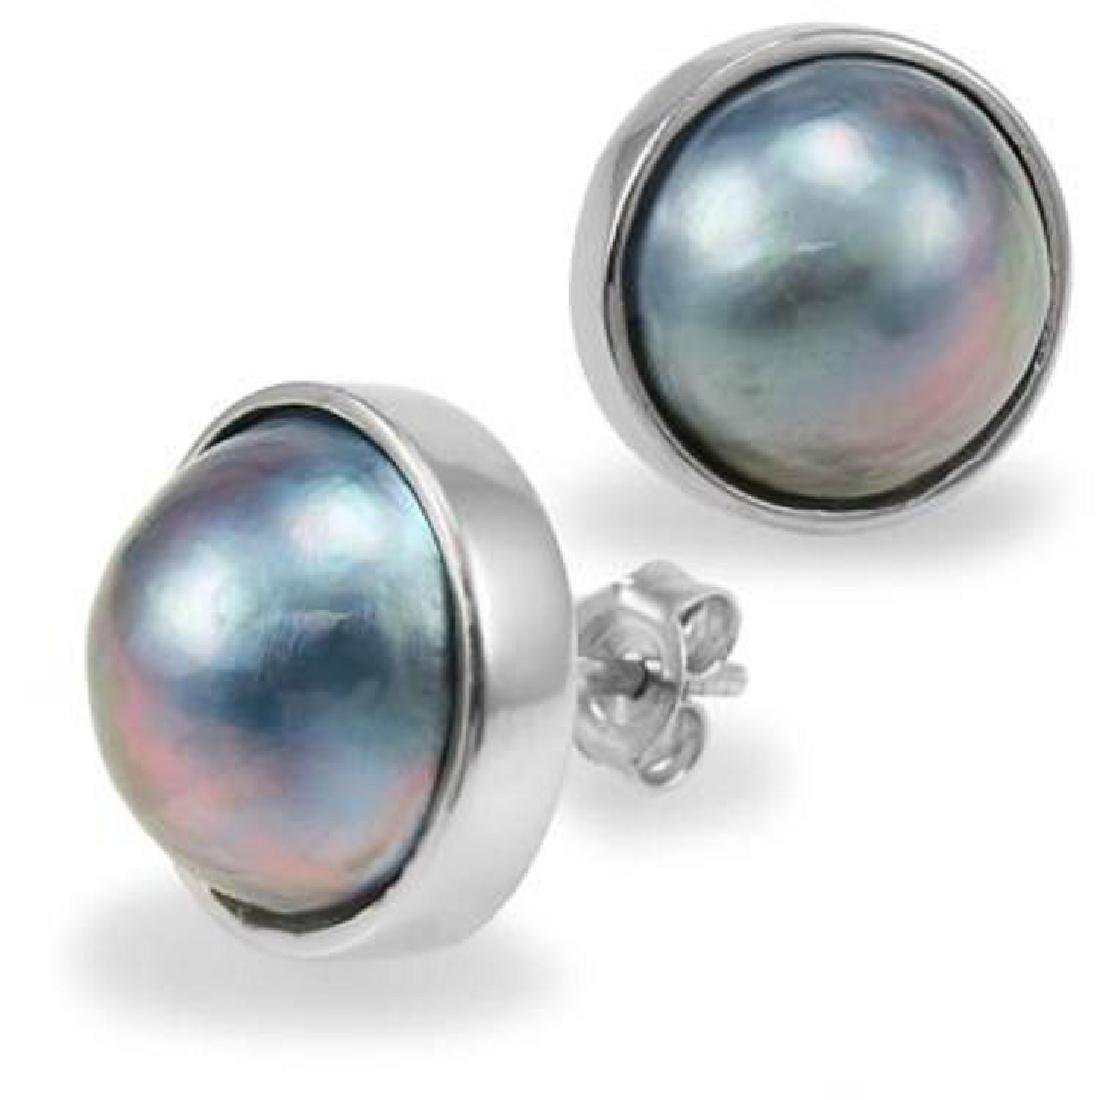 Genuine 12mm Grey Mobe Pearl Stud Earrings - 2